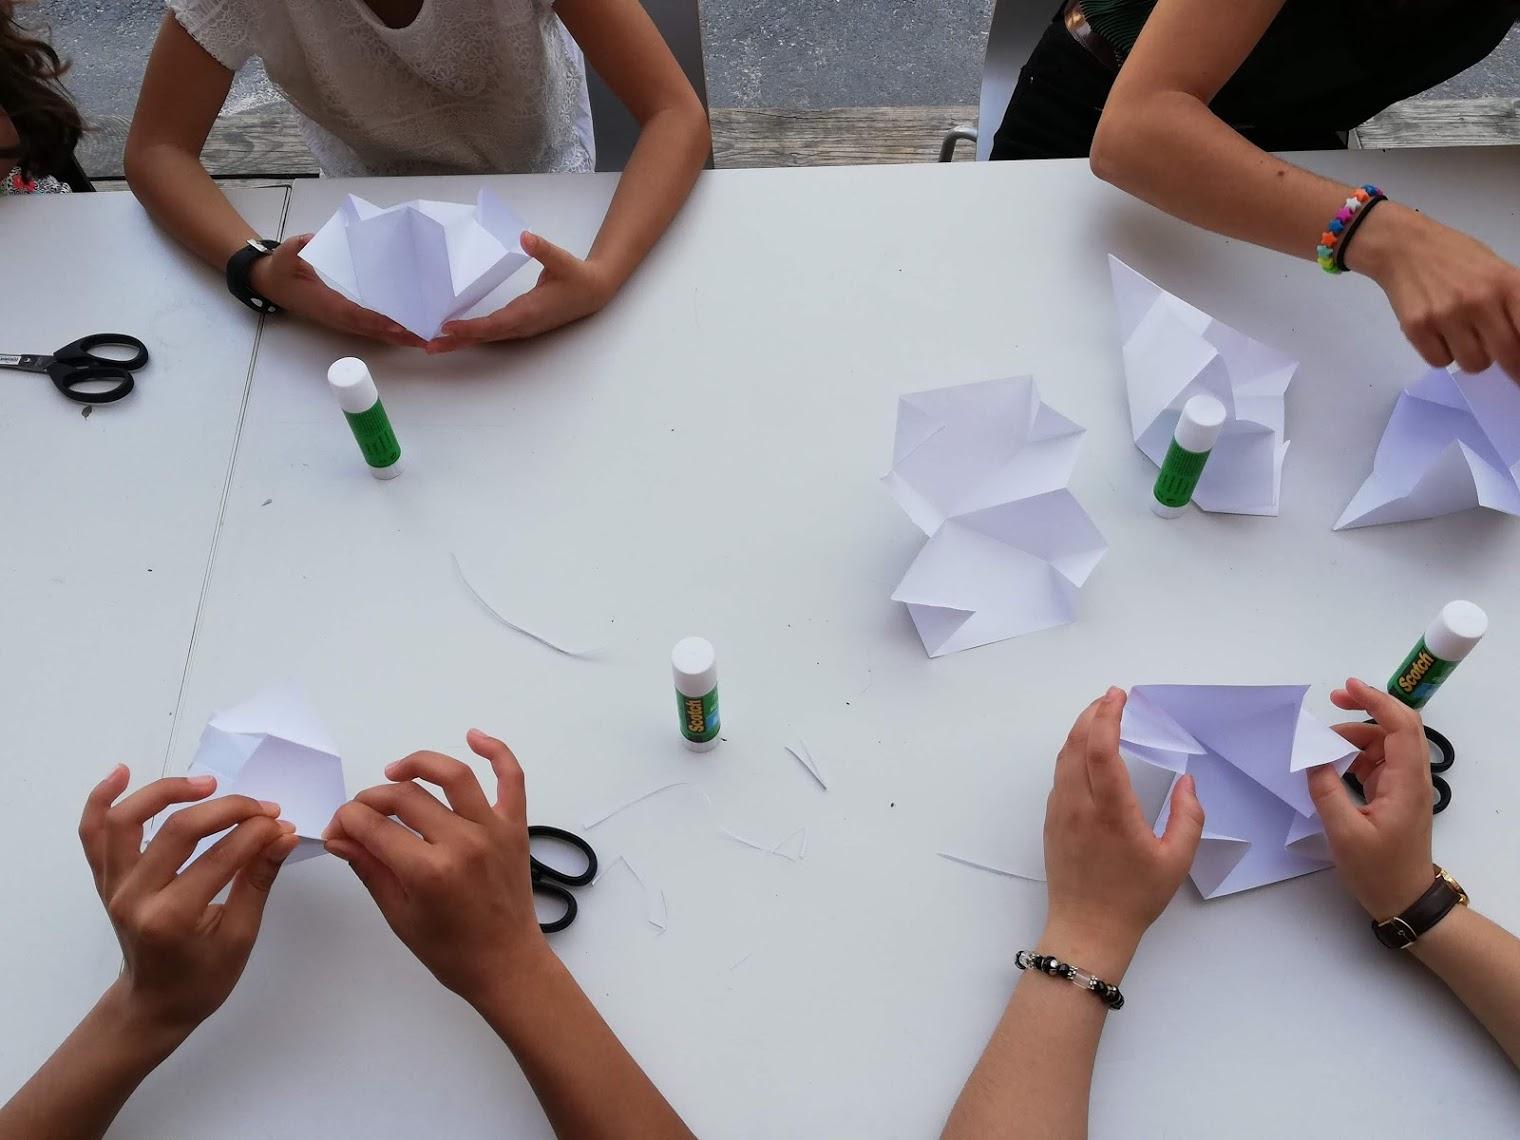 des ateliers participatifs ludiques, créatifs et écoresponsables !